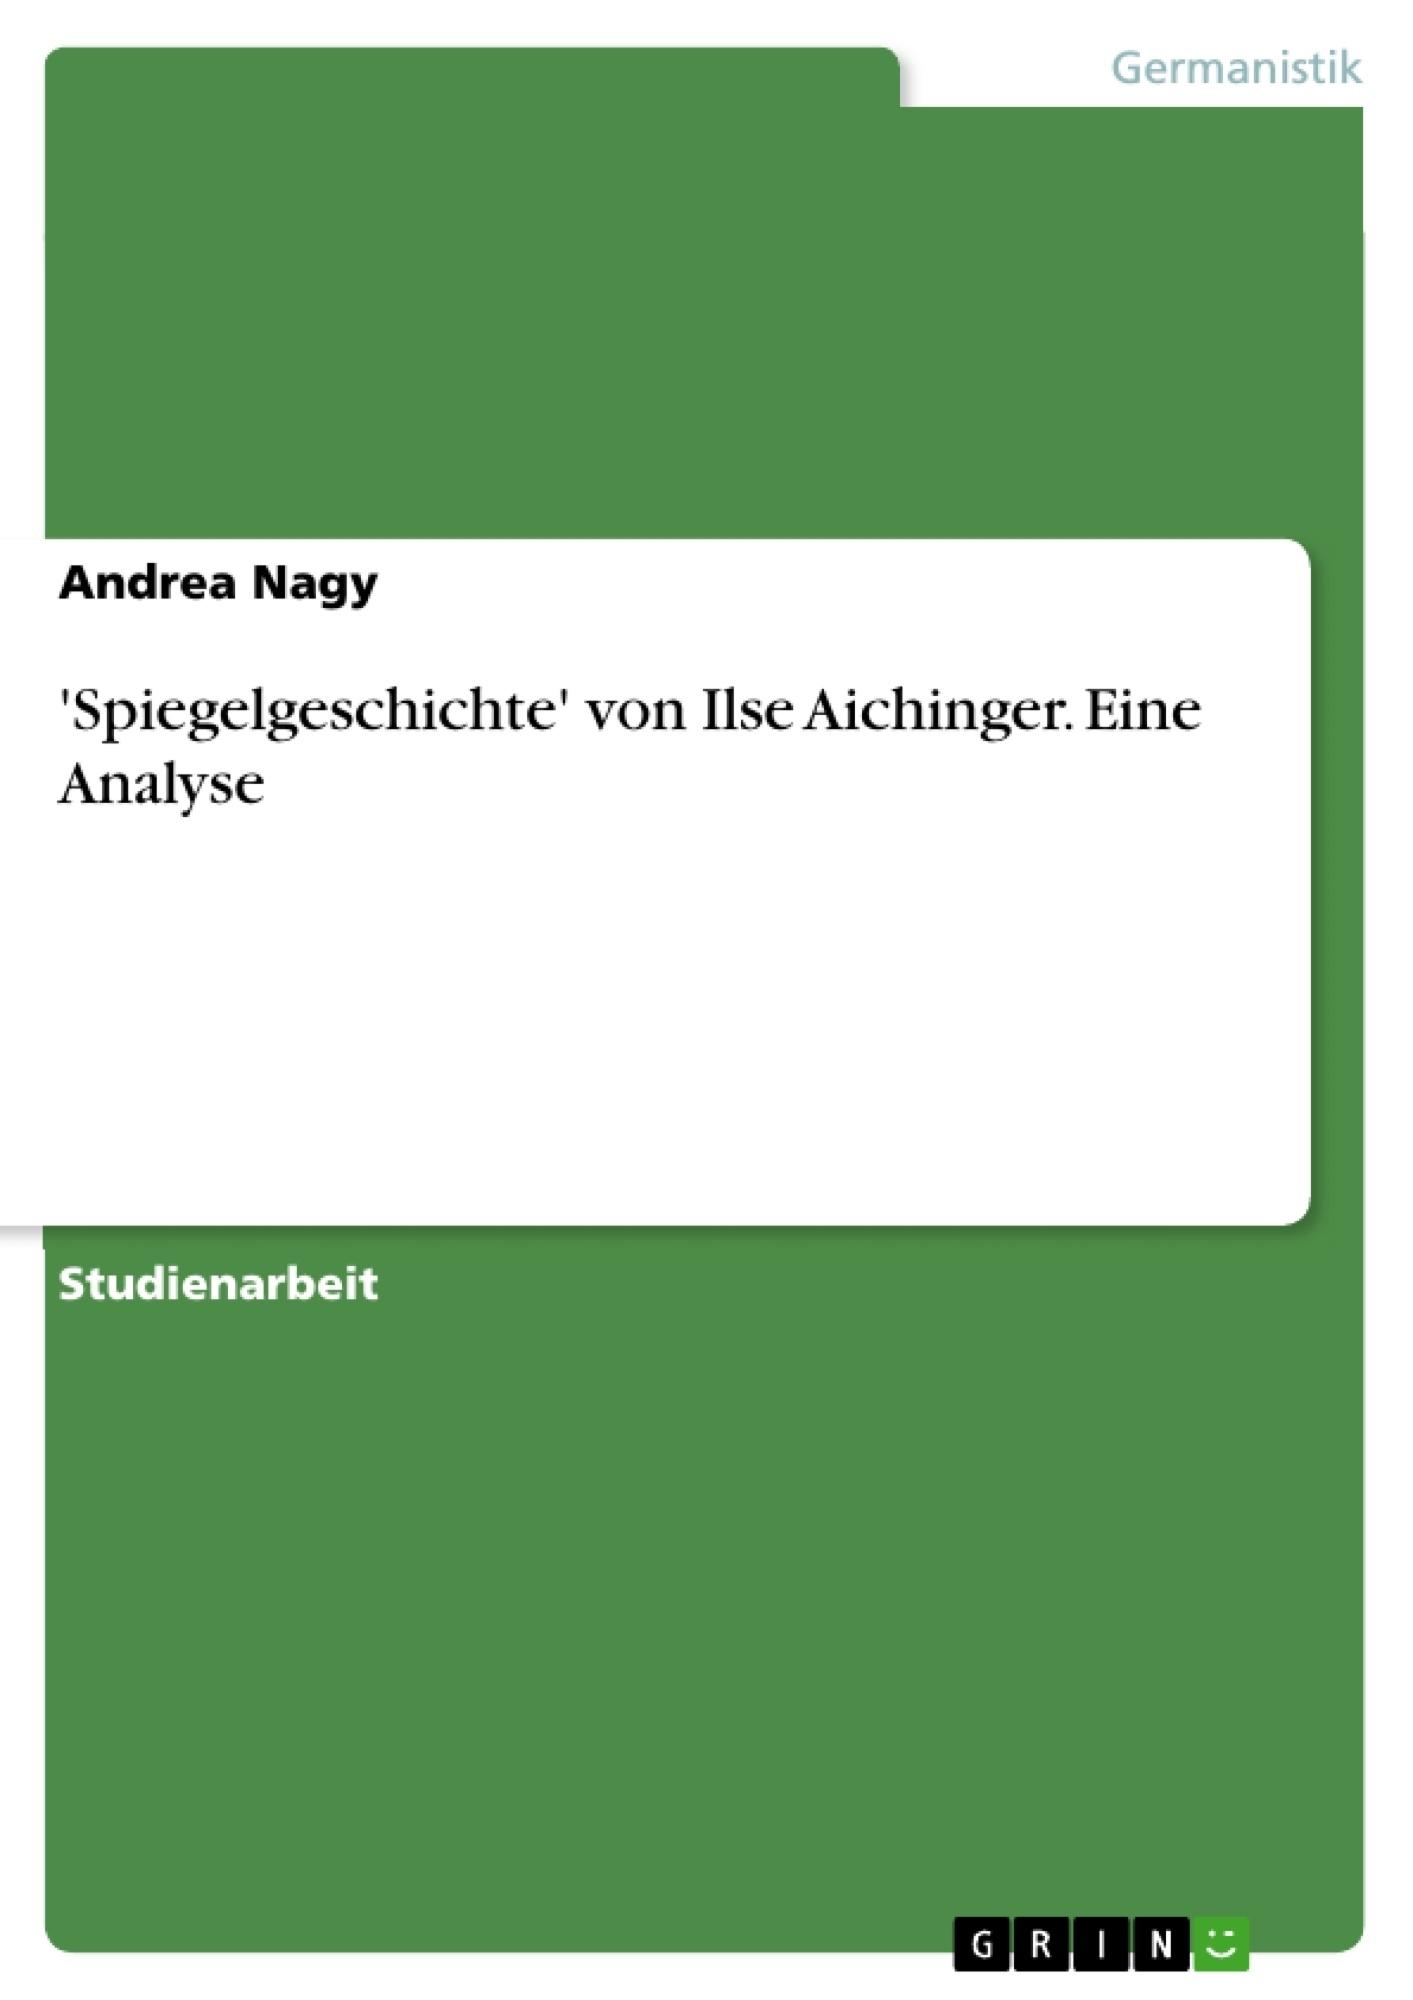 Titel: 'Spiegelgeschichte' von Ilse Aichinger. Eine Analyse